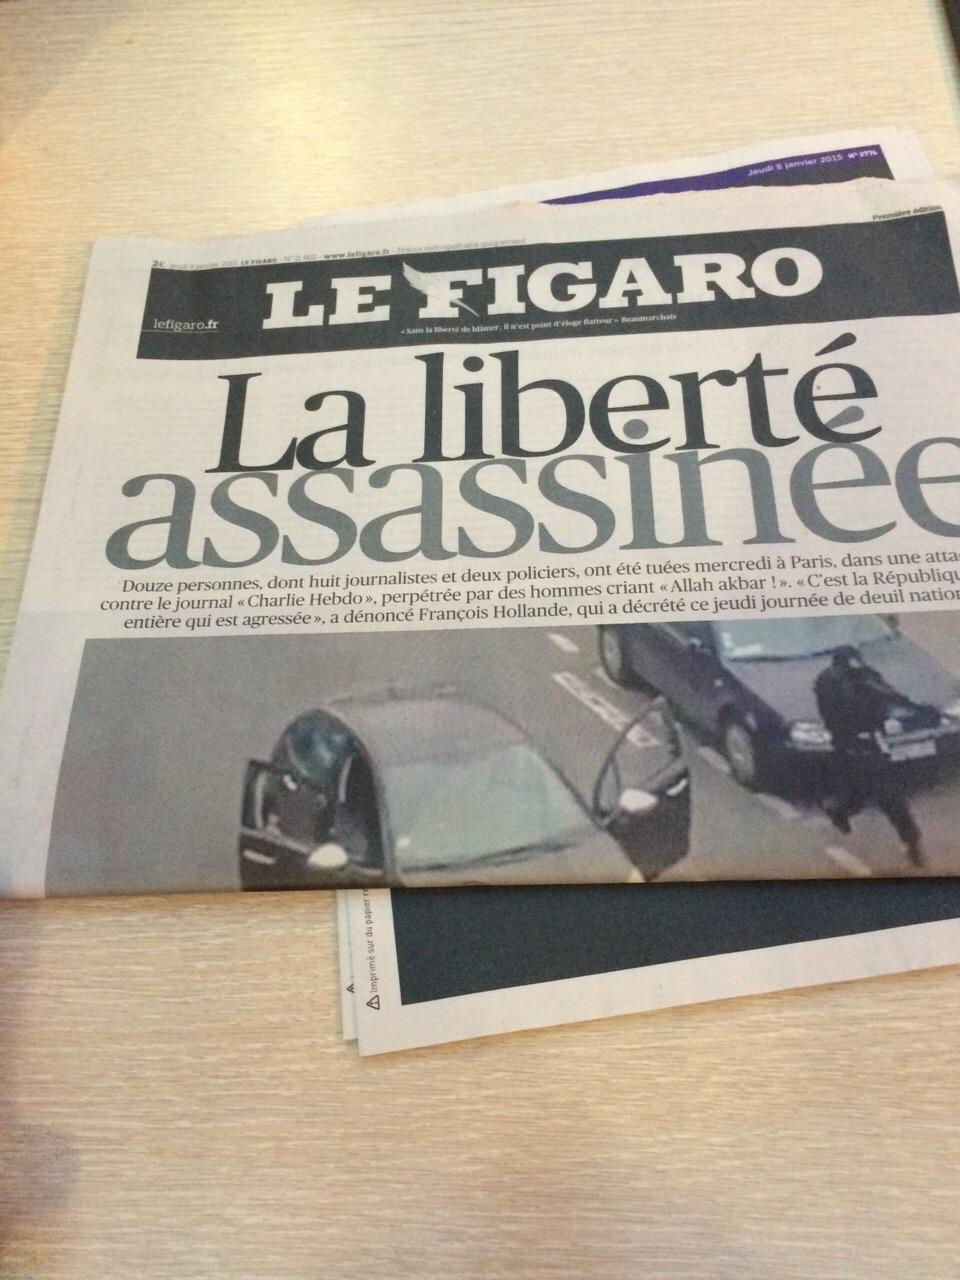 Le Figaro z 8. ledna 2015